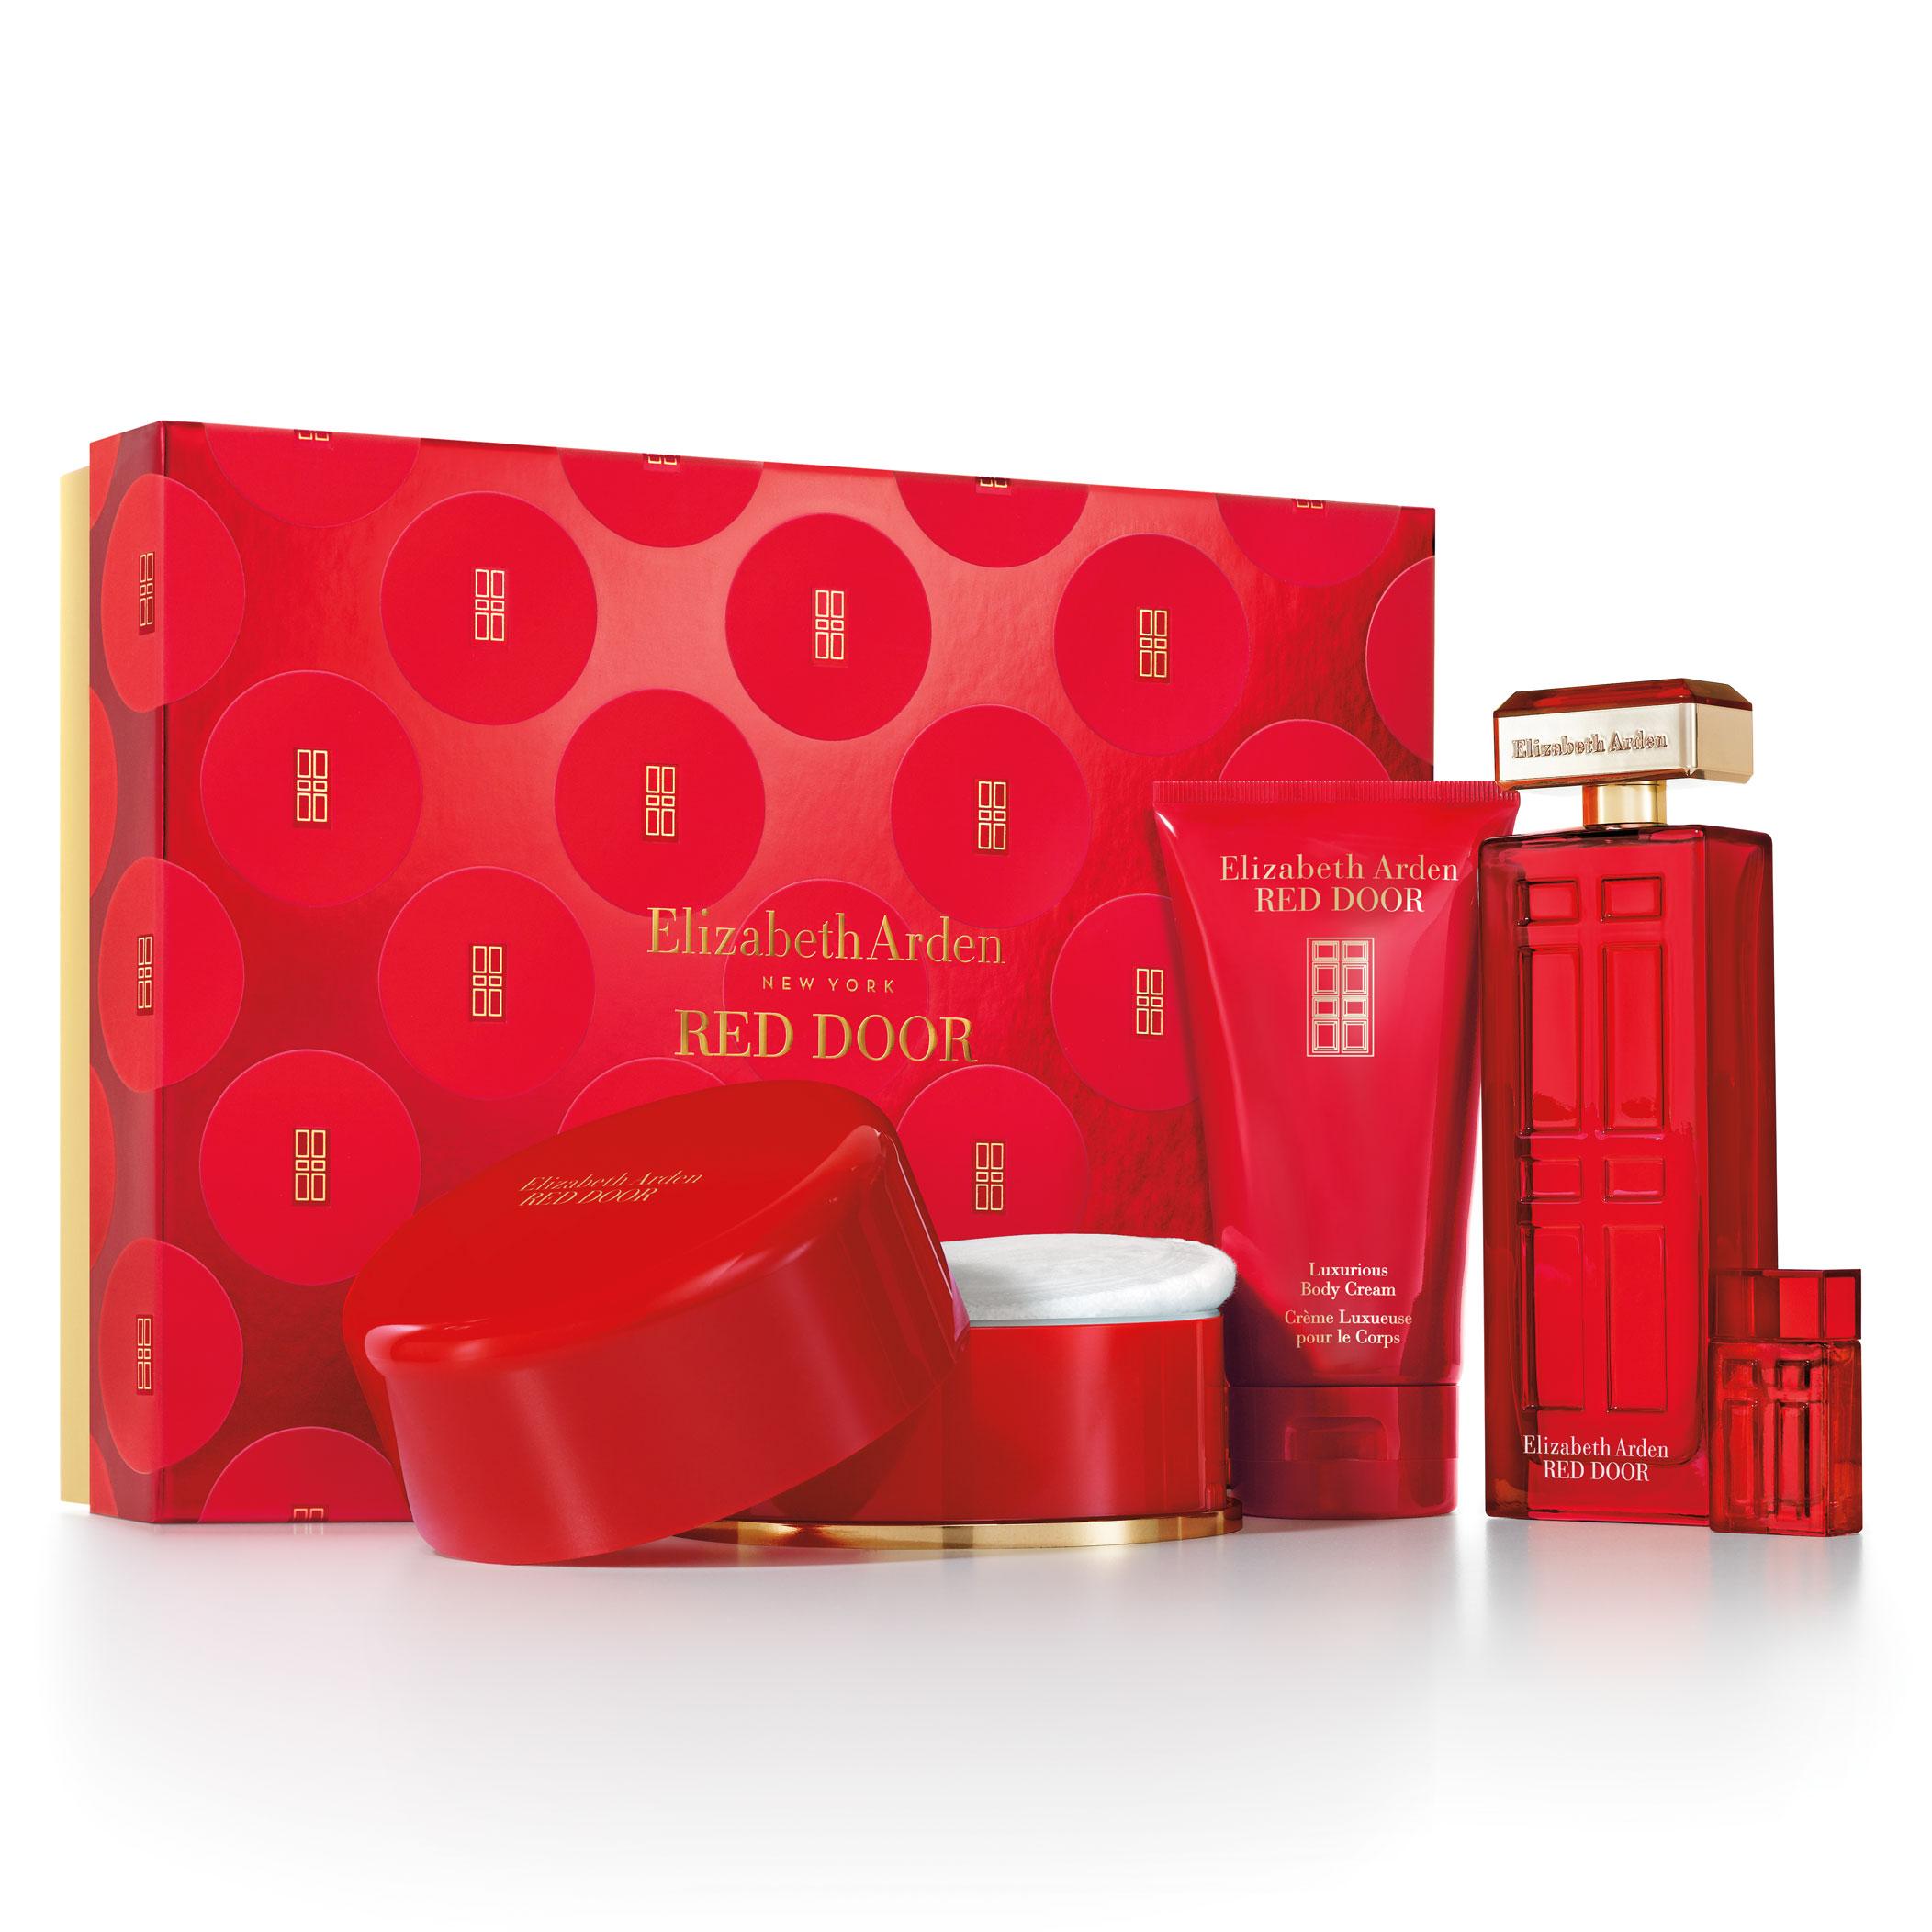 Red Door Iconic Holiday Gift Set Elizabeth Arden